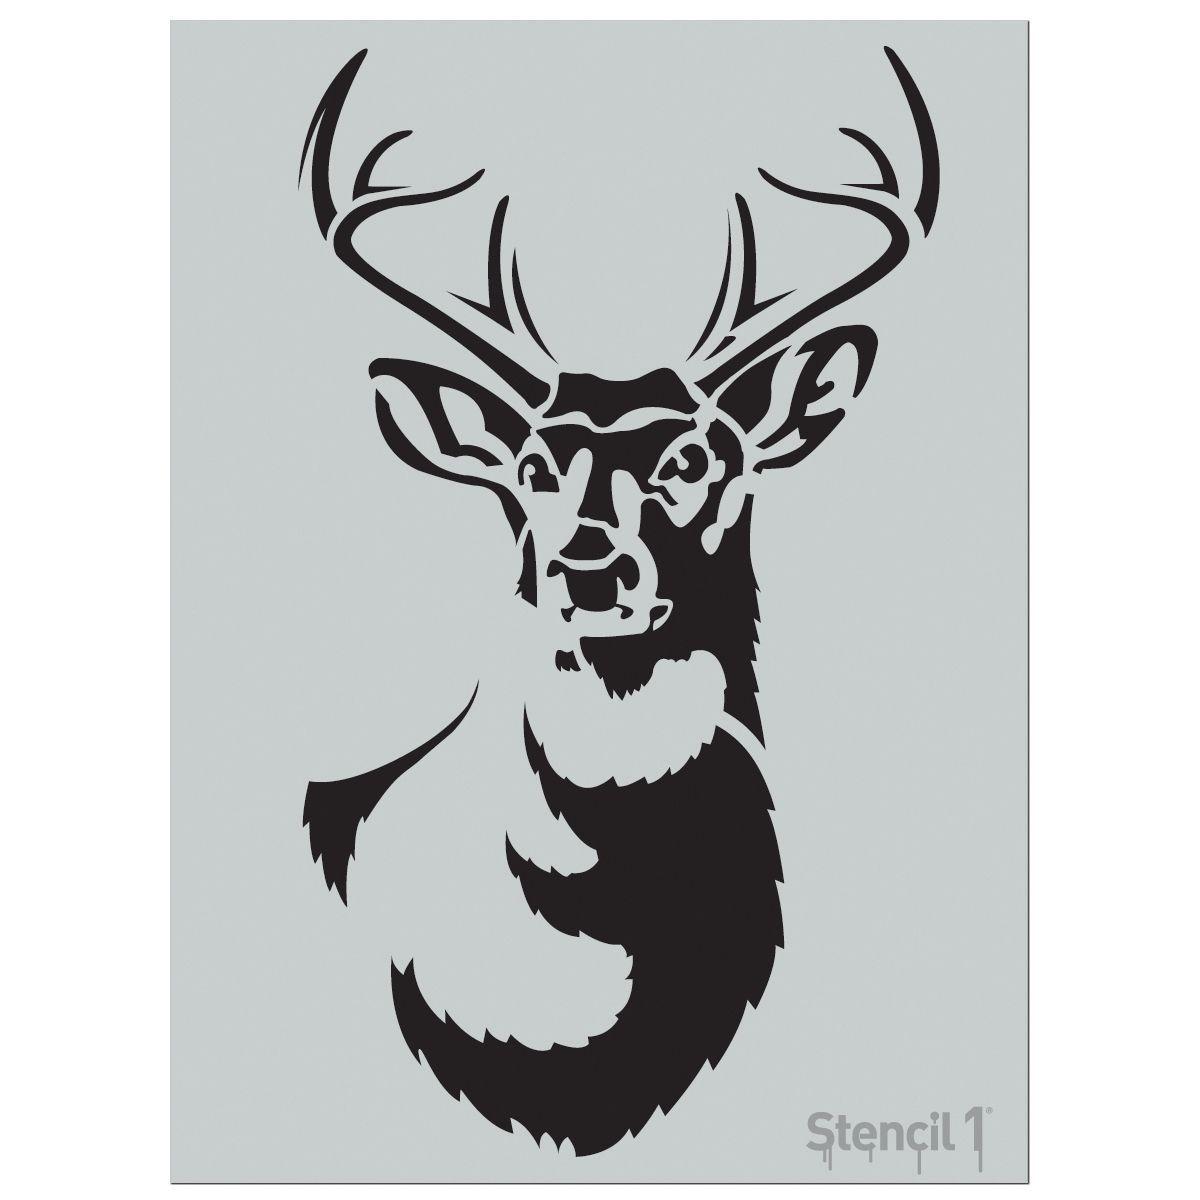 Stencil1 24inx24in Stencil Antler Deer